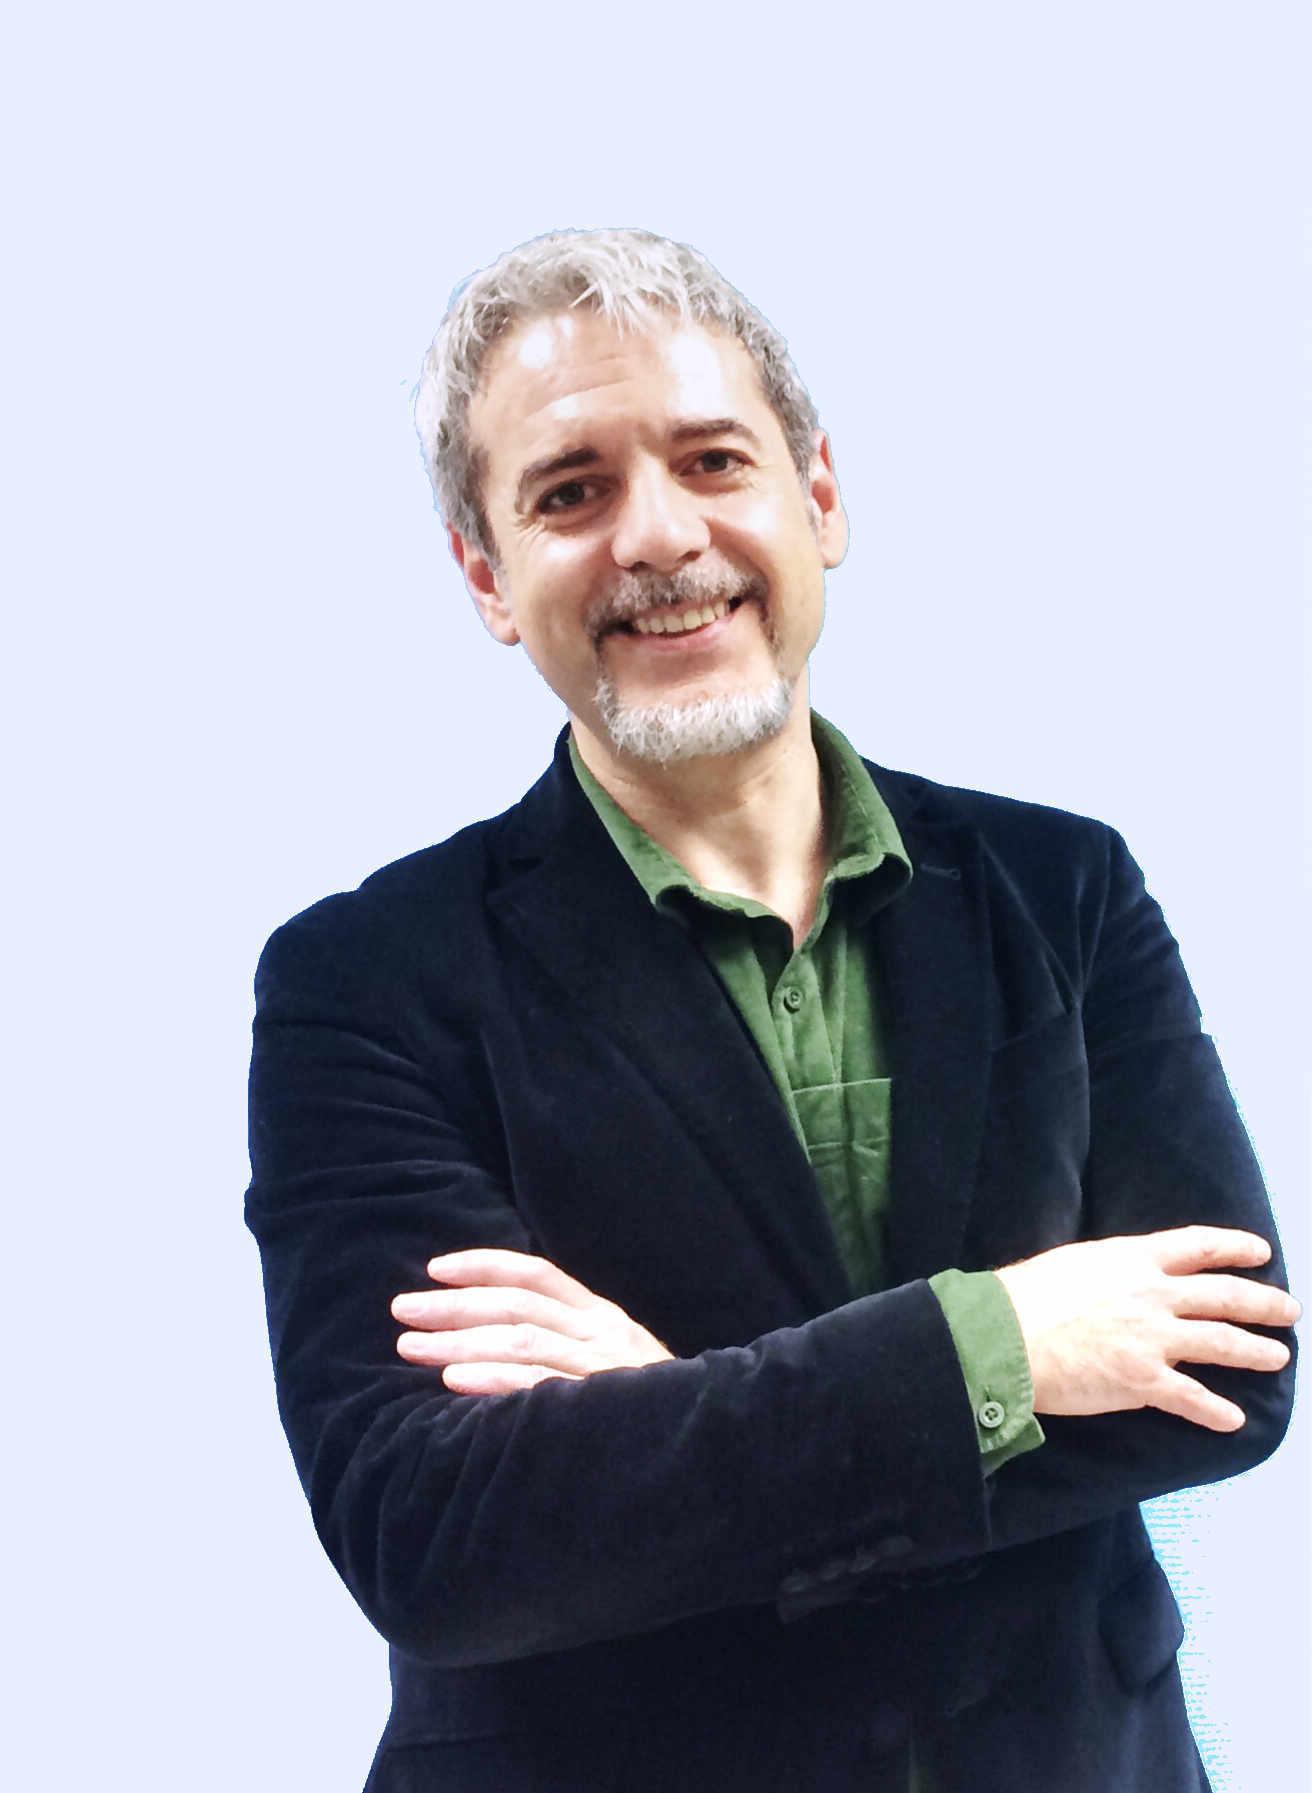 Santiago Espada Psicólogo en Collado Villalba